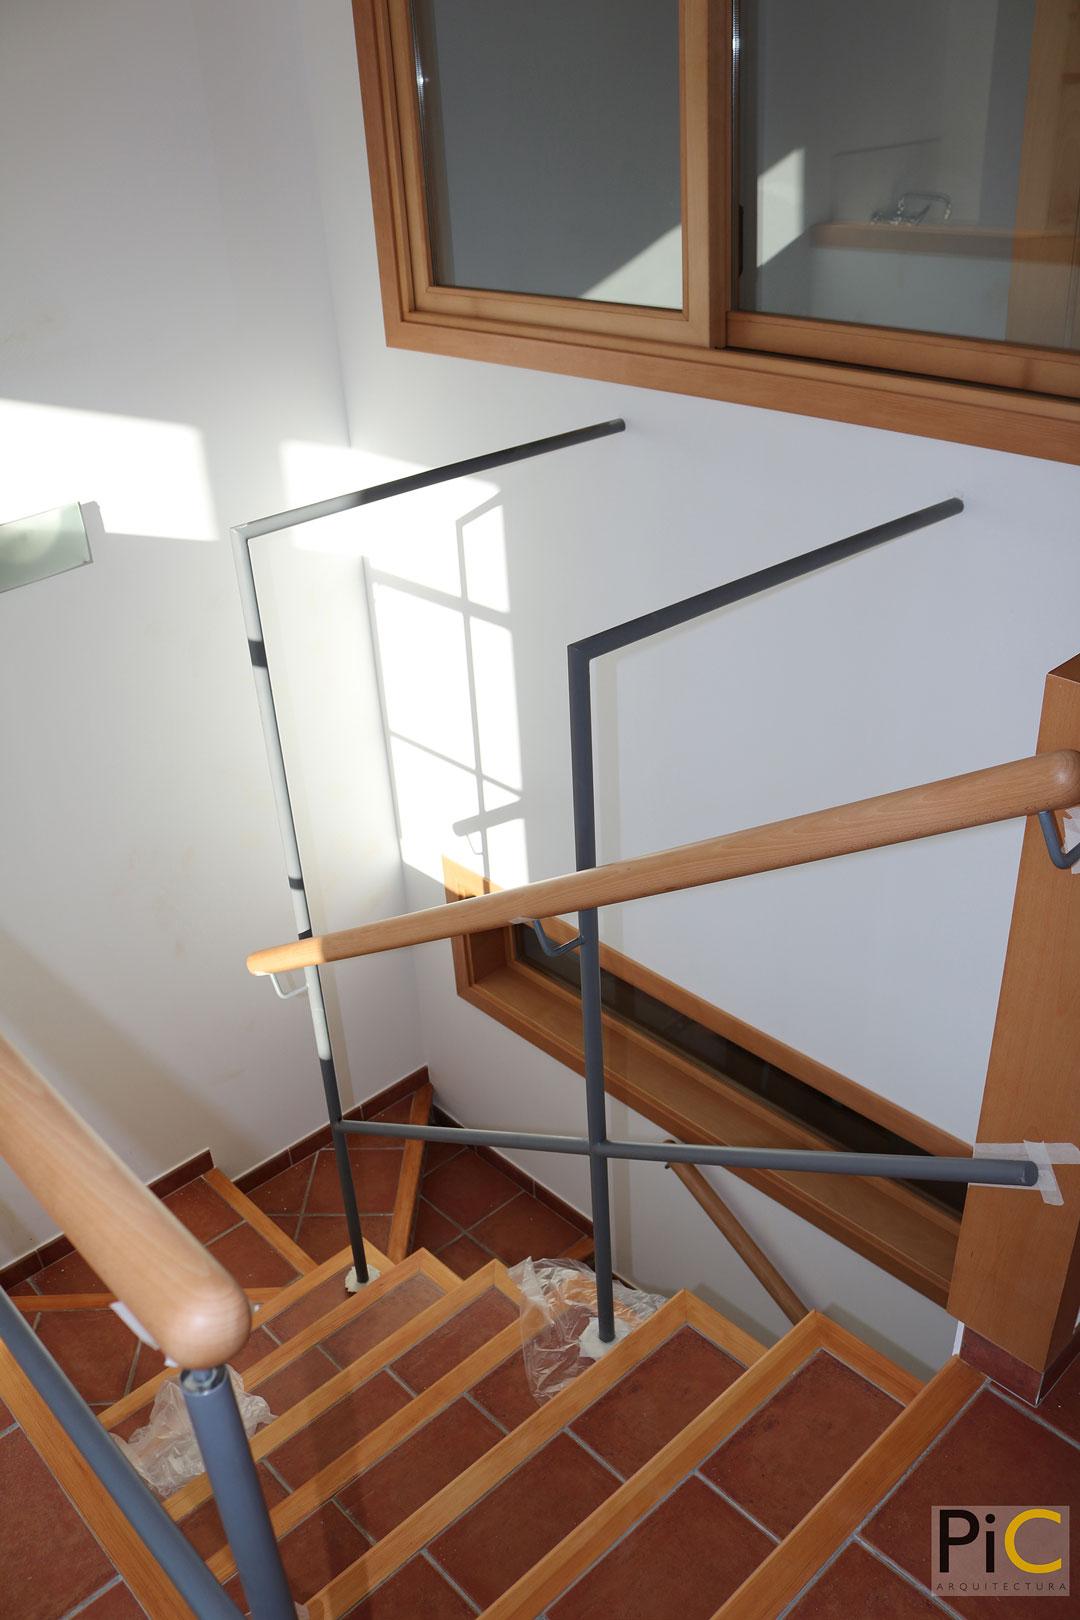 Obra nueva arquitectura vivienda-unifamiliar Benasau Barandillas 2ª planta